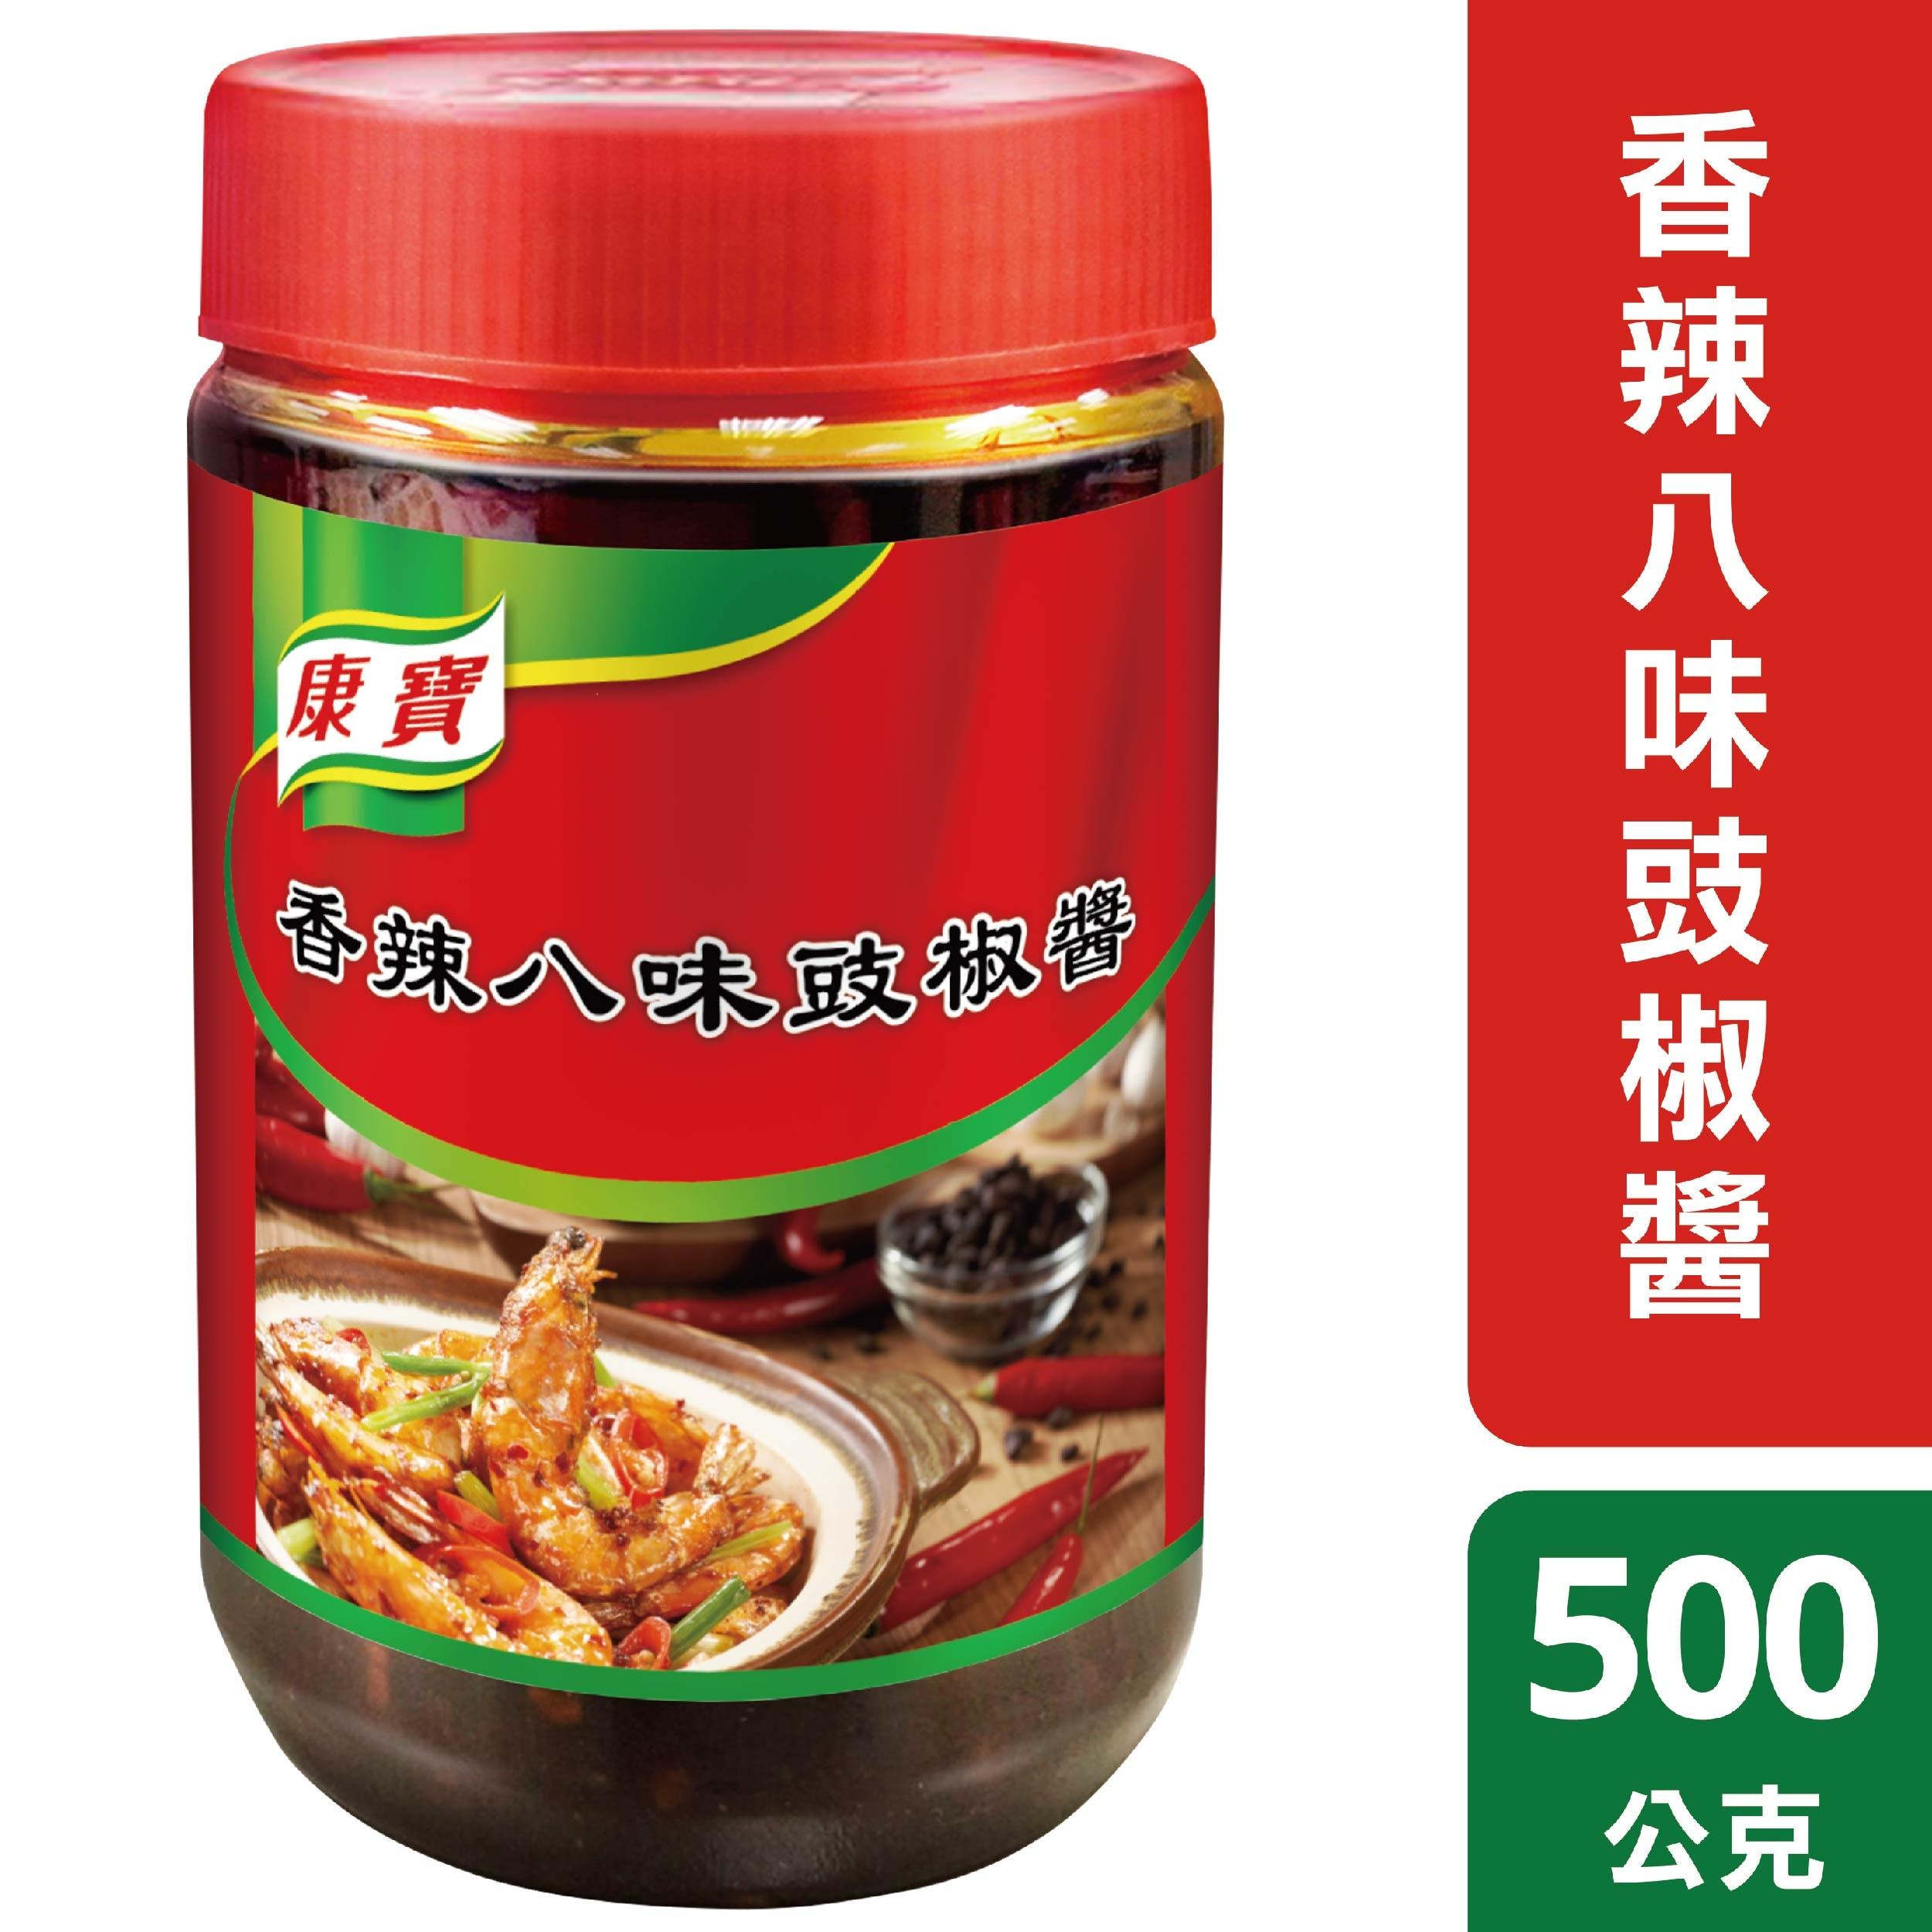 康寶香辣八味豉椒醬 - 康寶香辣八味豉椒醬,給菜餚豐富,多層次的香辣風味。